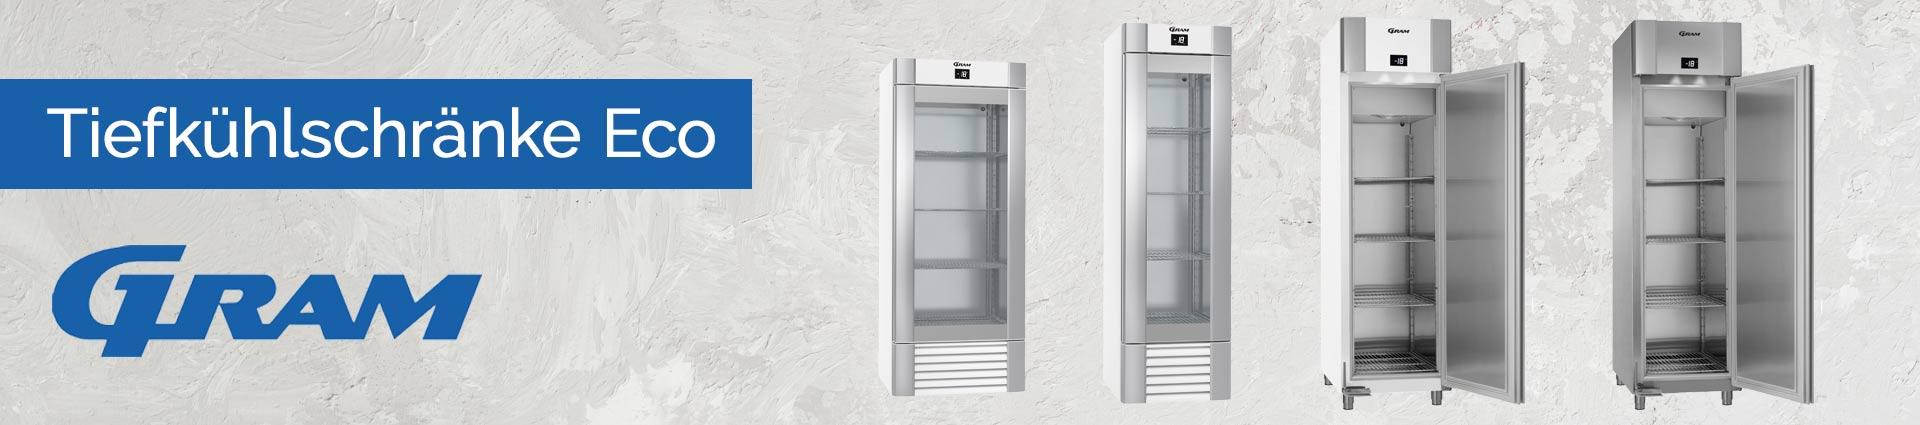 GRAM Tiefkühlschränke ECO Banner